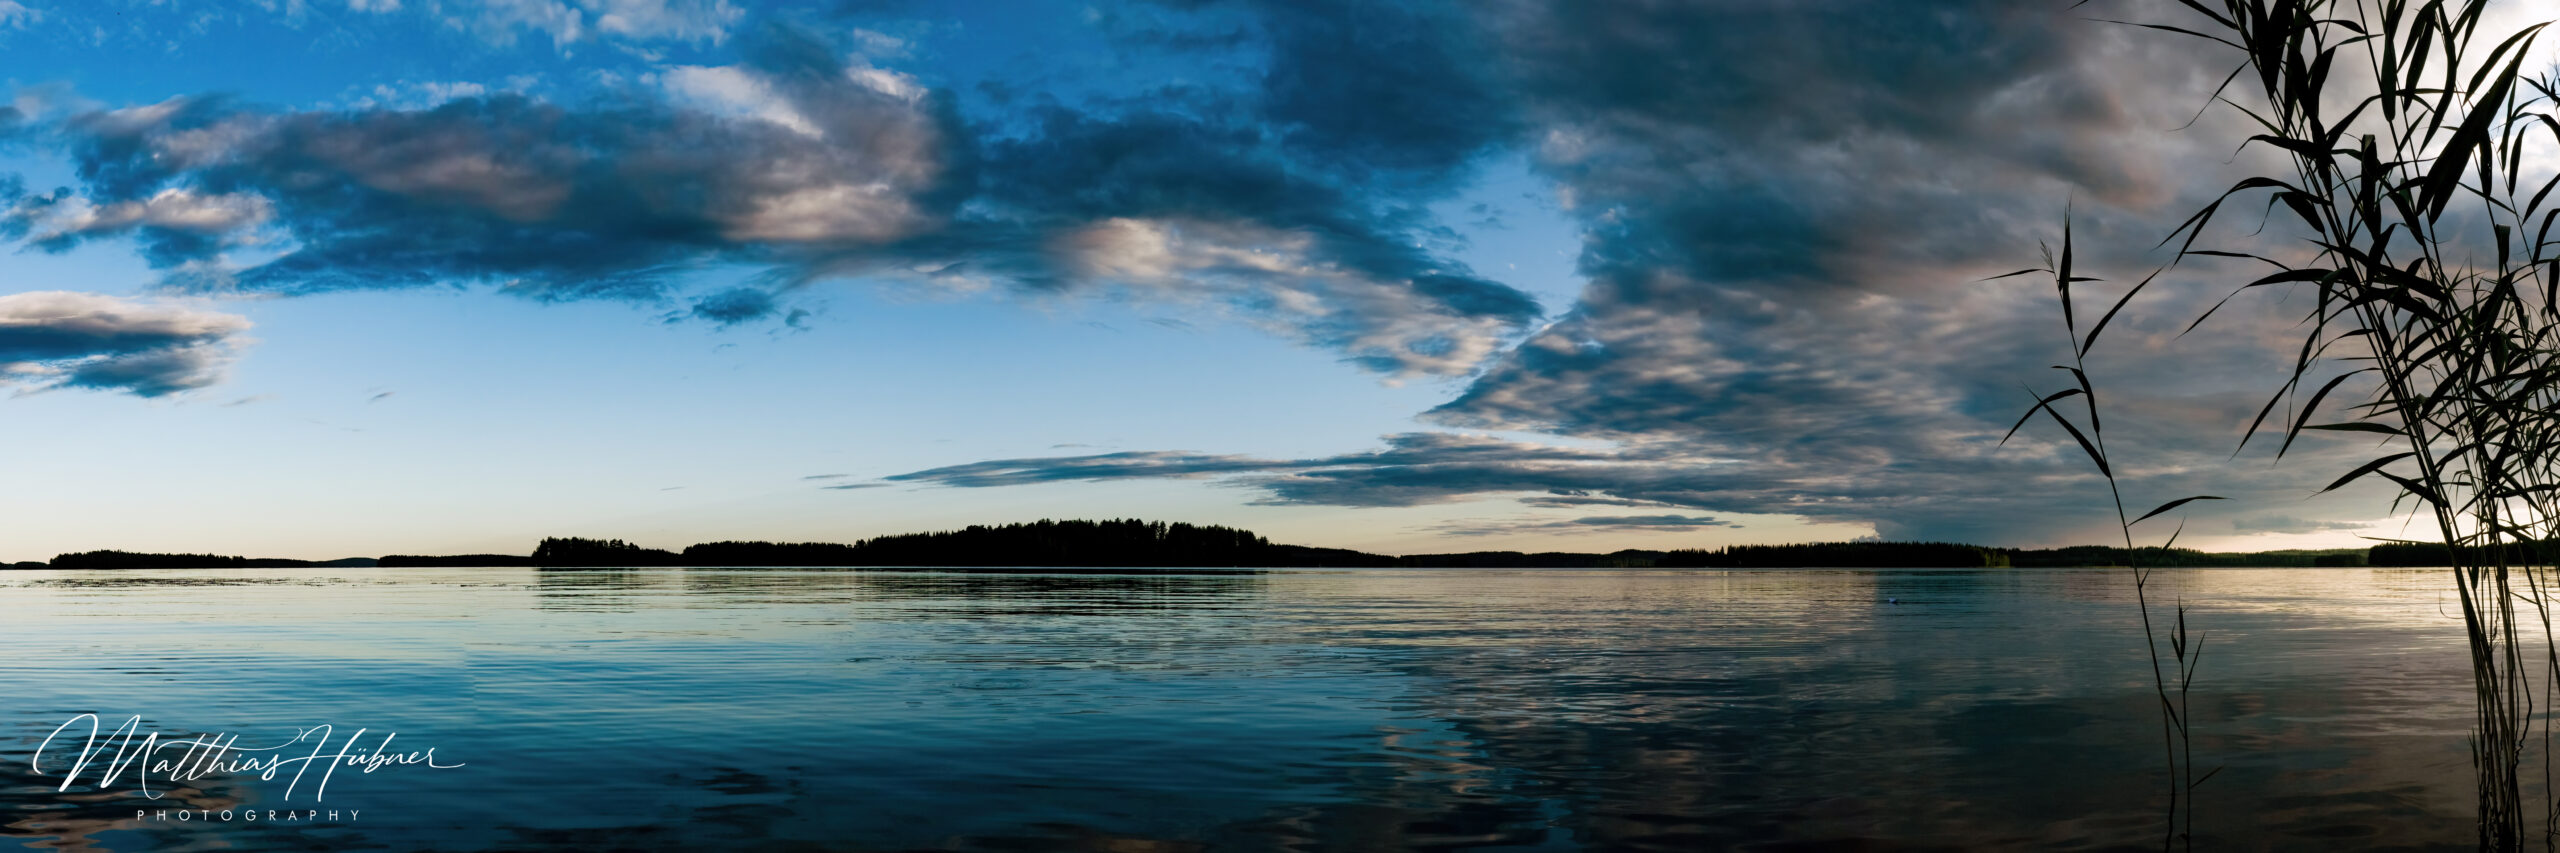 Sunset vaihtosaari muuttosaaret finland huebner photography